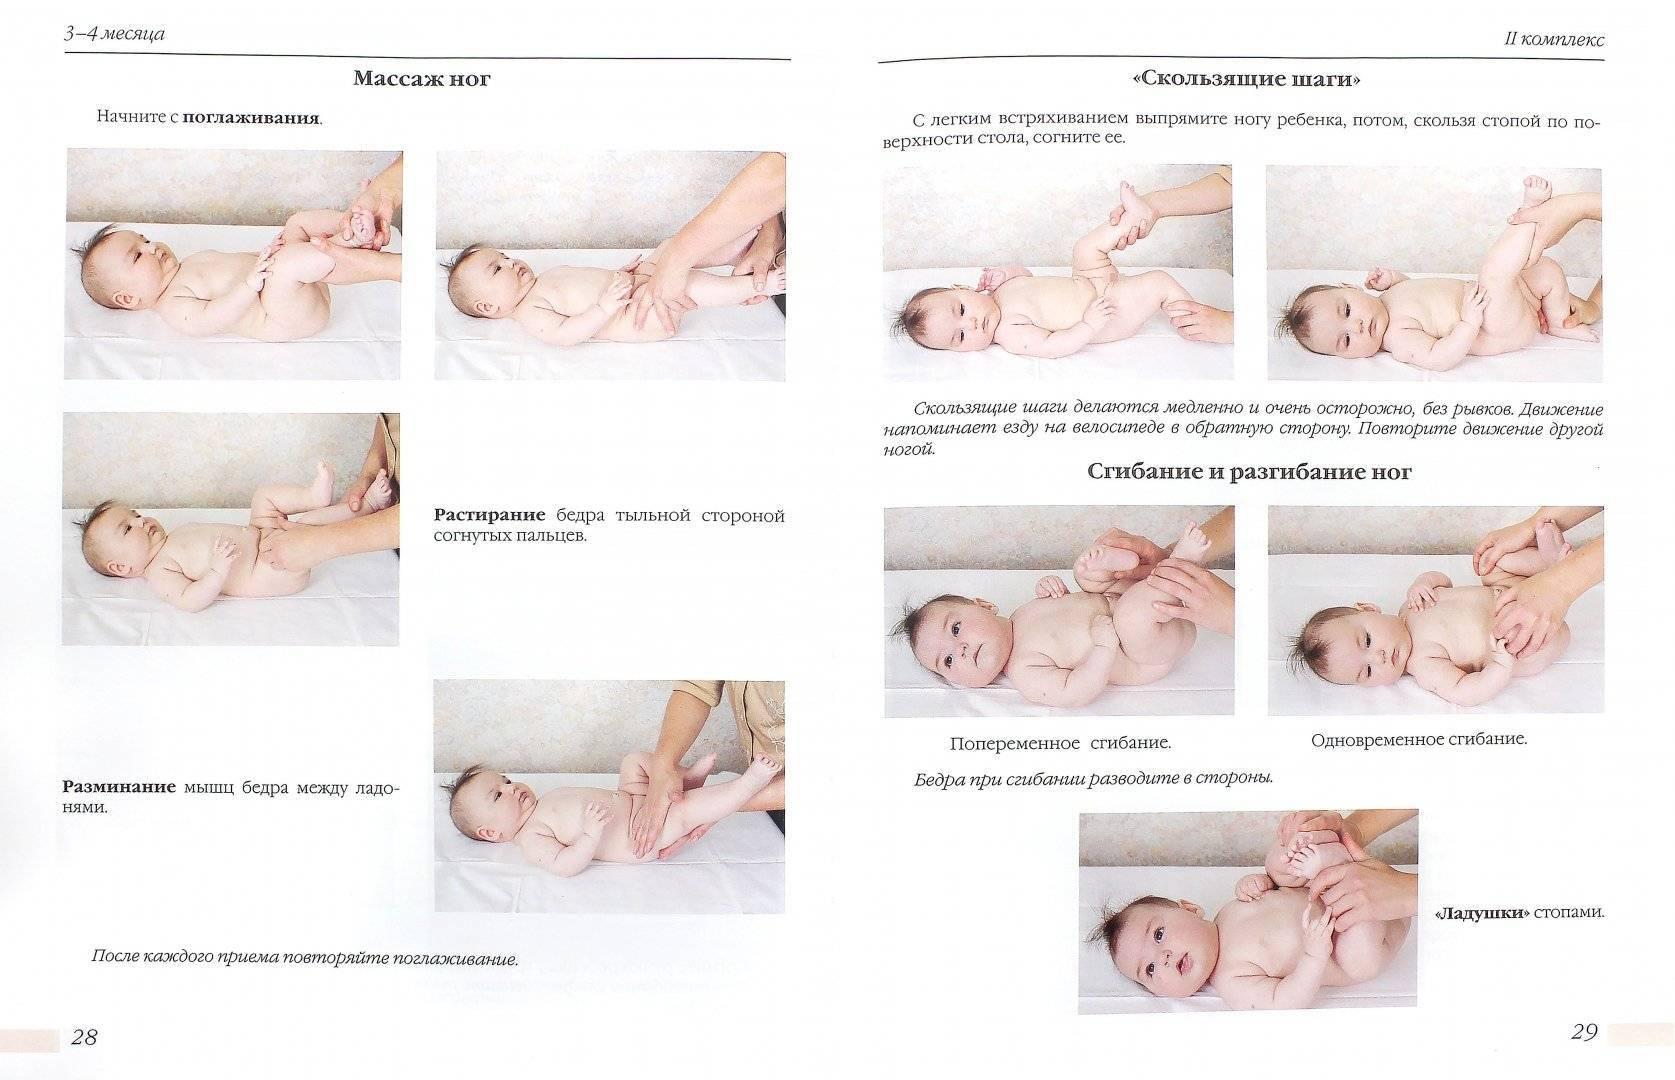 Гимнастика для младенцев: основы классической и динамической систем